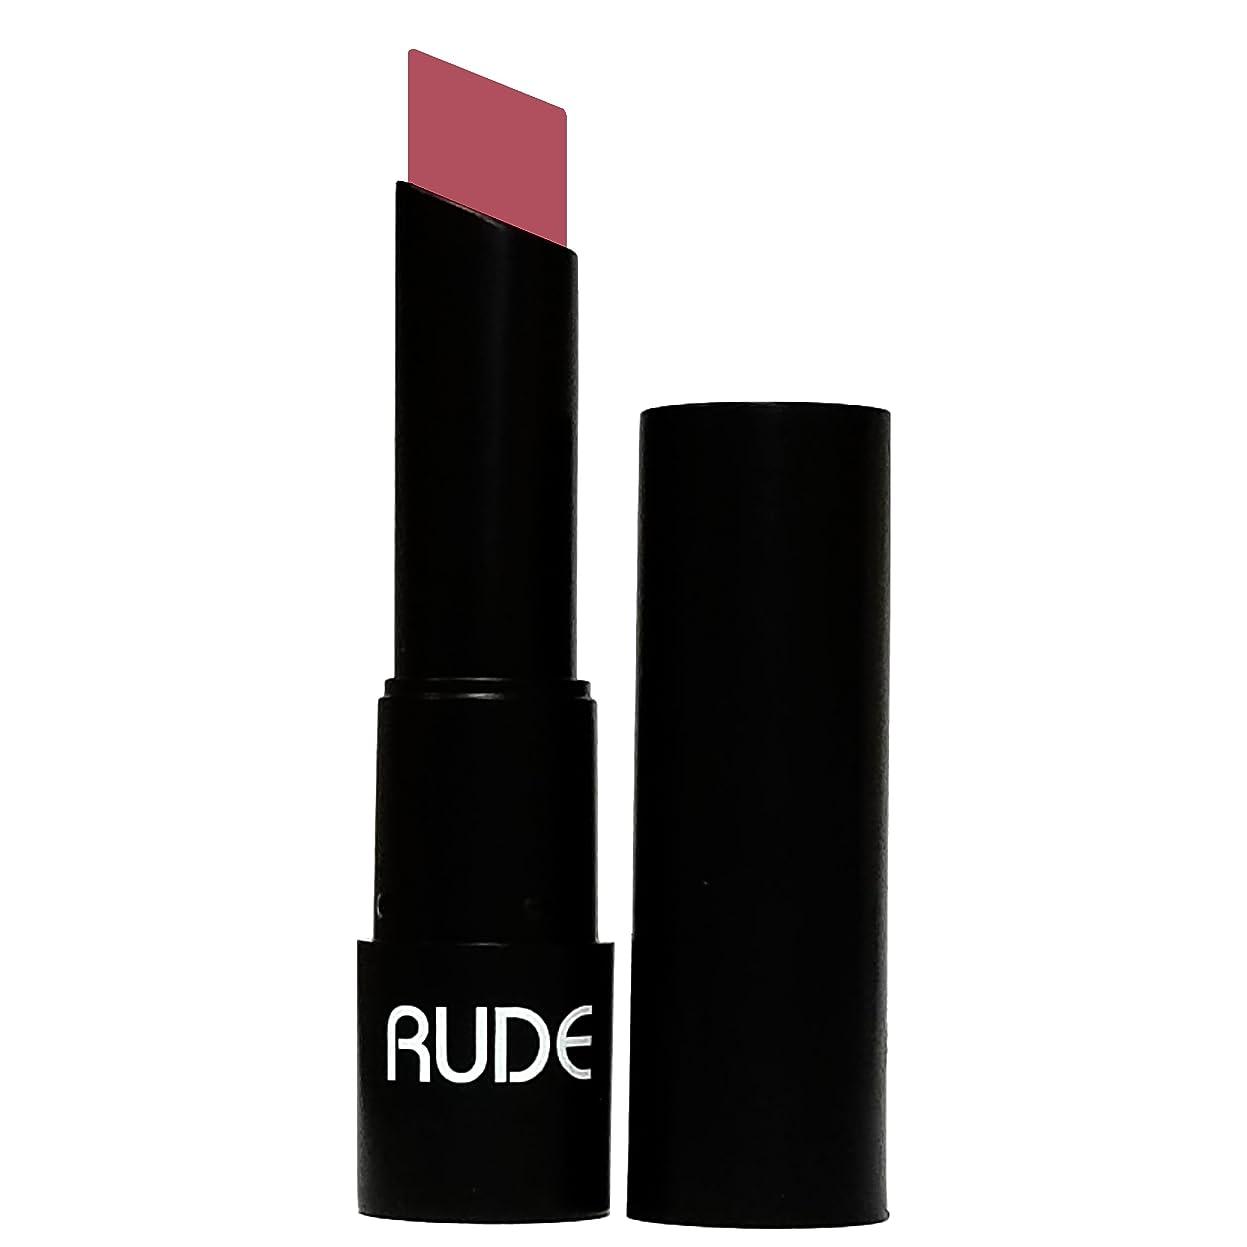 資源サドルスナップ(3 Pack) RUDE Attitude Matte Lipstick - Arrogant (並行輸入品)